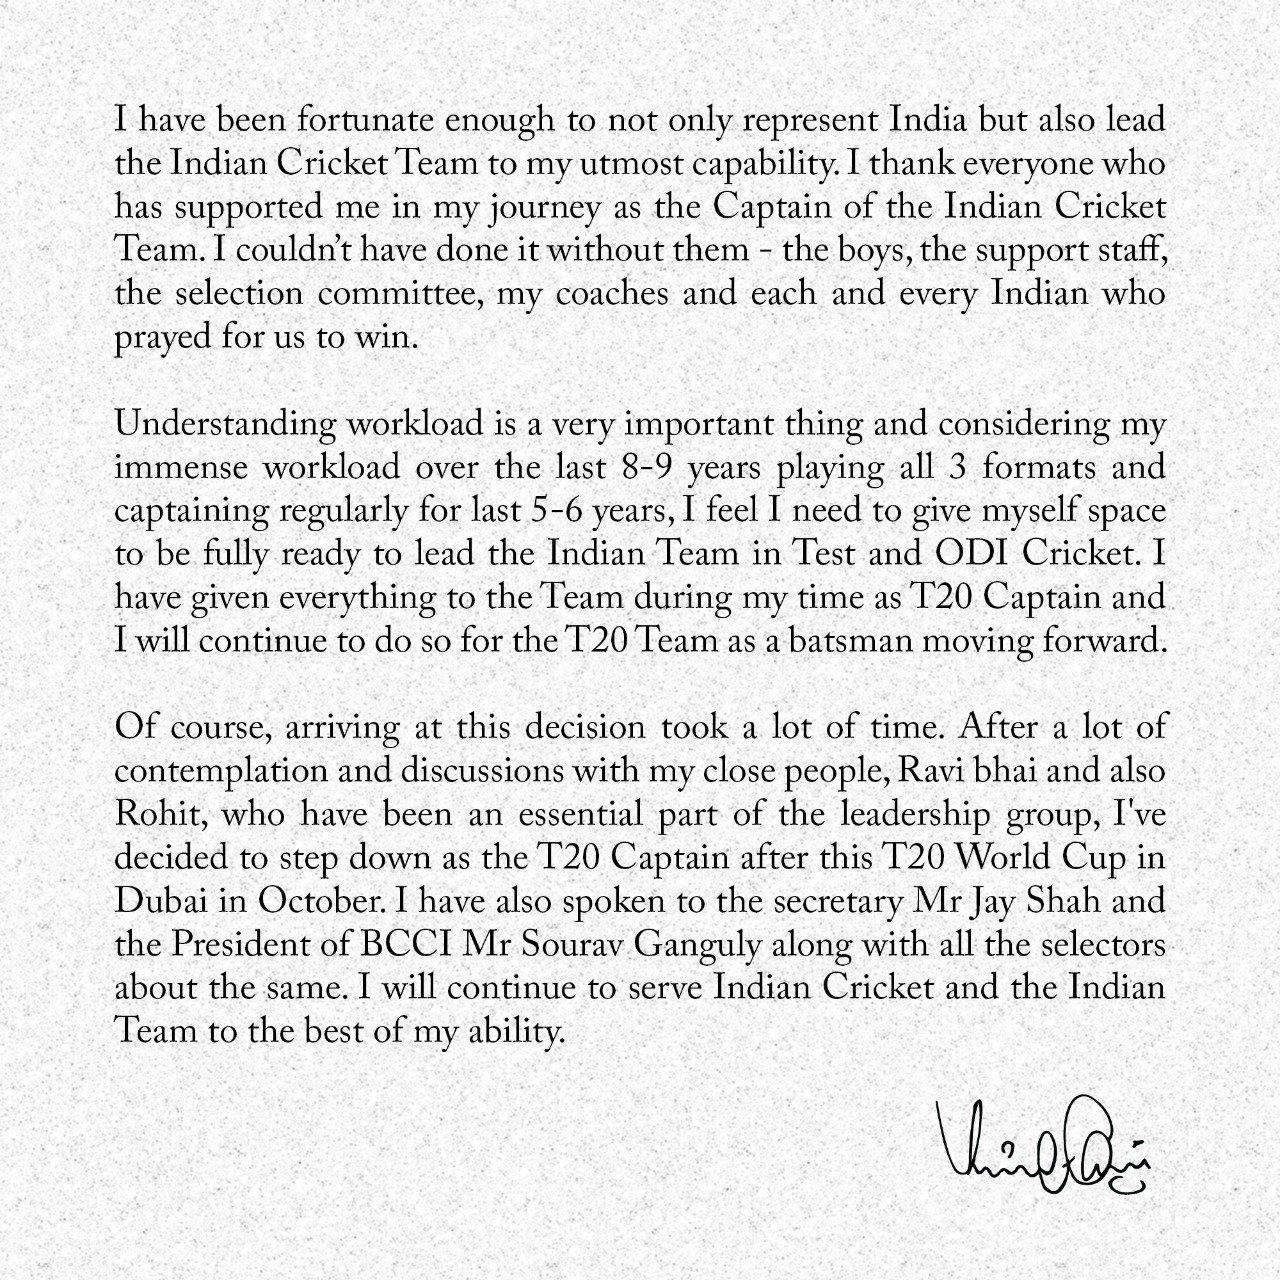 कोहली ने अपने ट्विटर अकाउंट पर यह चिट्ठी पोस्ट की है, जिसमें उन्होंने कप्तानी छोड़ने के फैसले की जानकारी दी है।